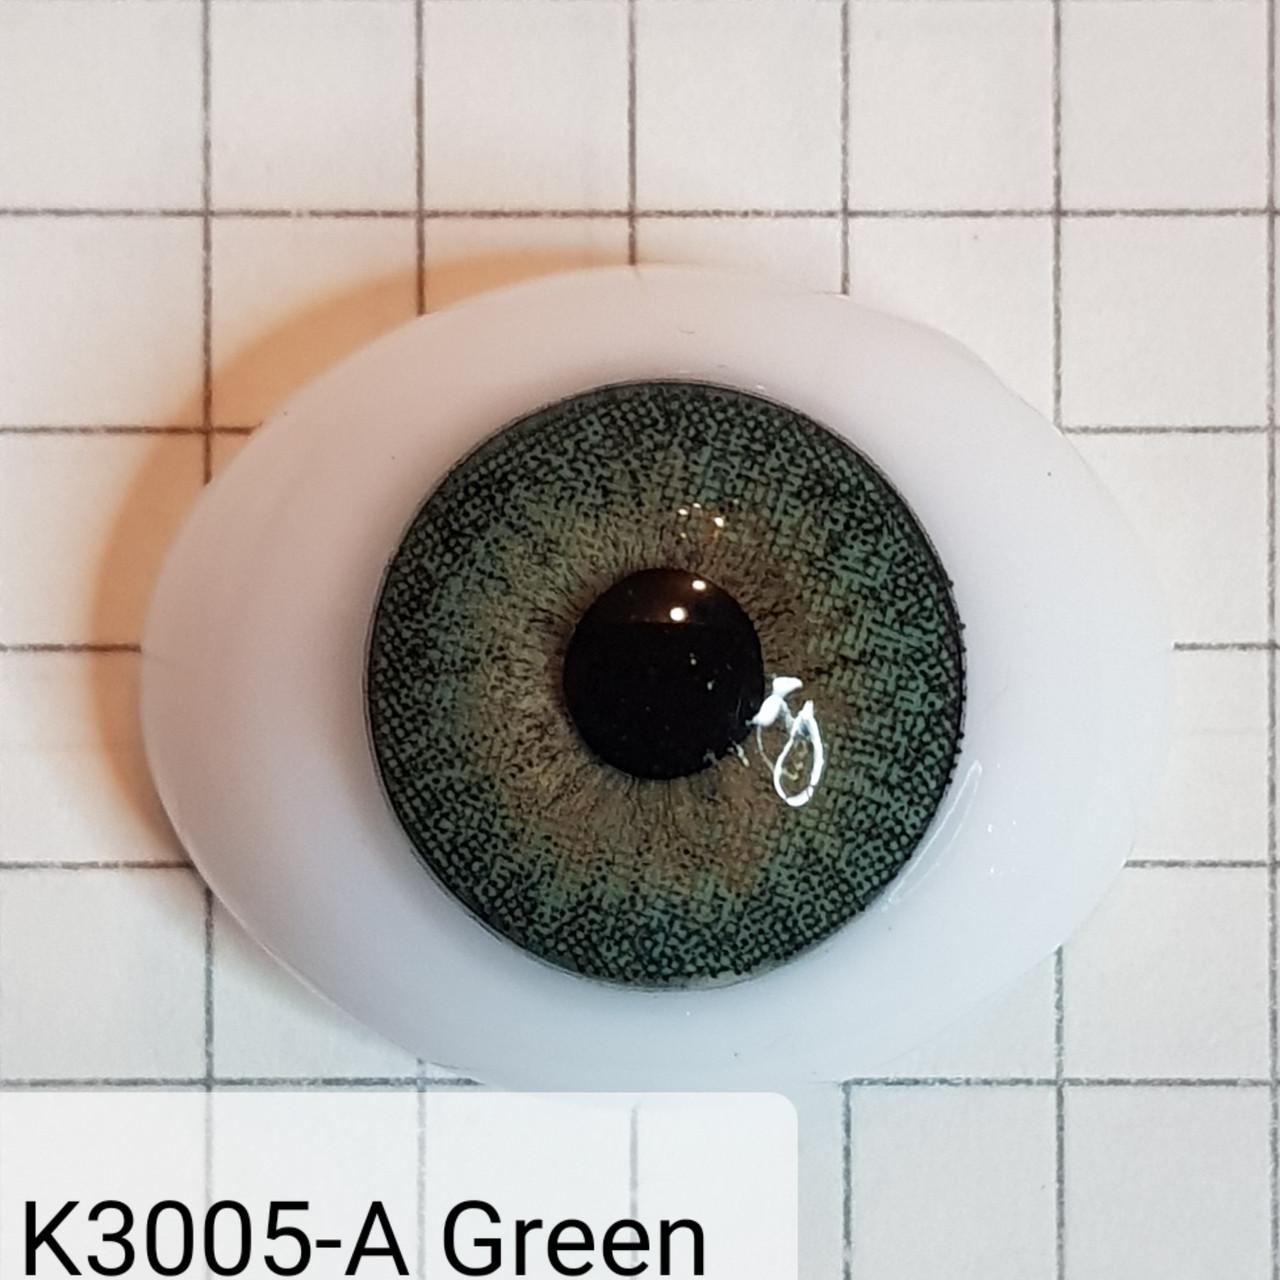 Контактные линзы DOX K3005-A Green -4.50 - фото 6